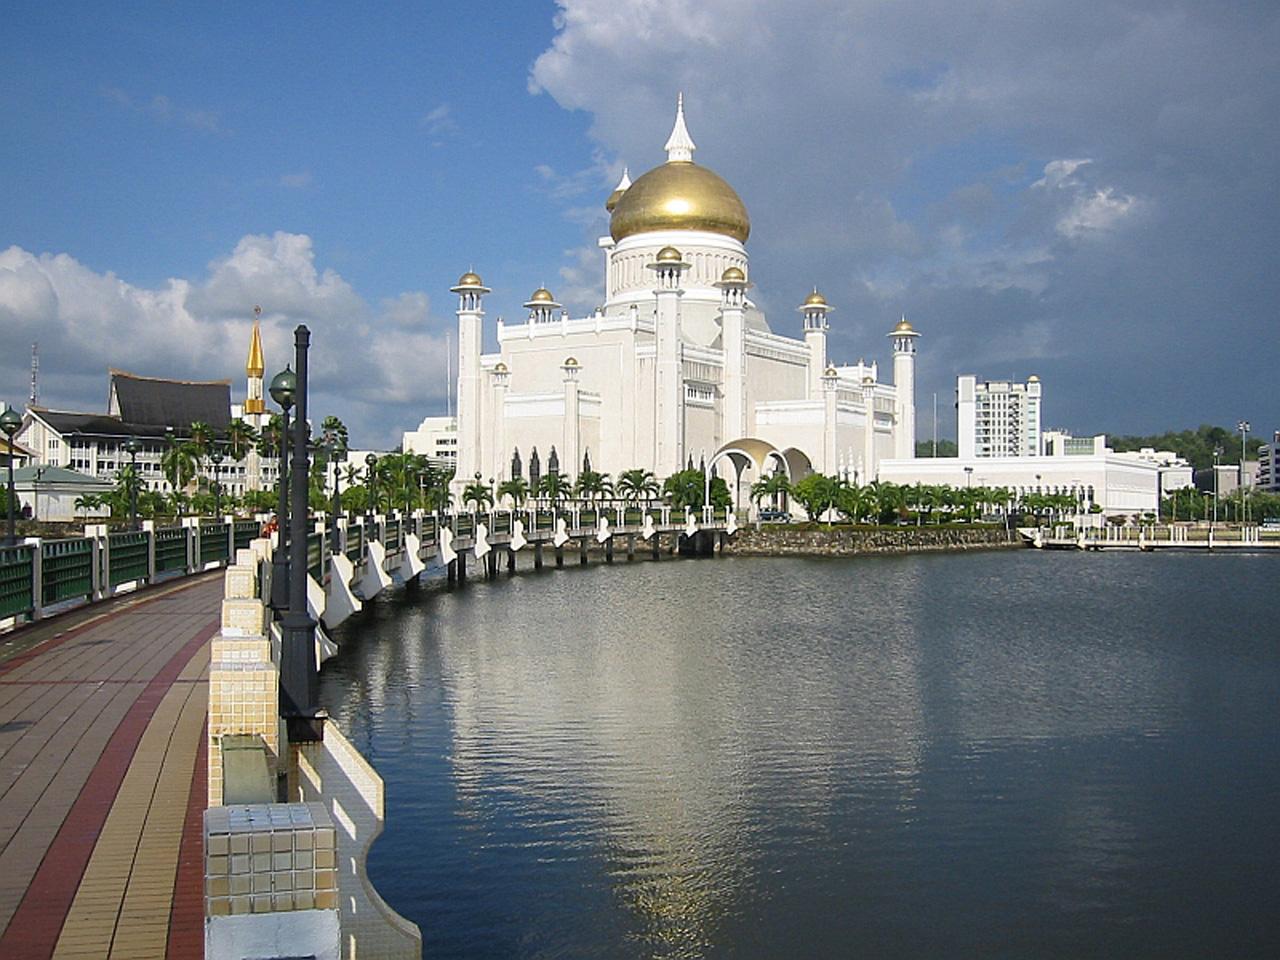 http://1.bp.blogspot.com/-Bmw8pYii9gA/TZxGzdMd3rI/AAAAAAAABzg/7kkq0RwWCbc/s1600/Sultan-Omar-AliS-aifuddin-Mosque+%252811%2529.jpg